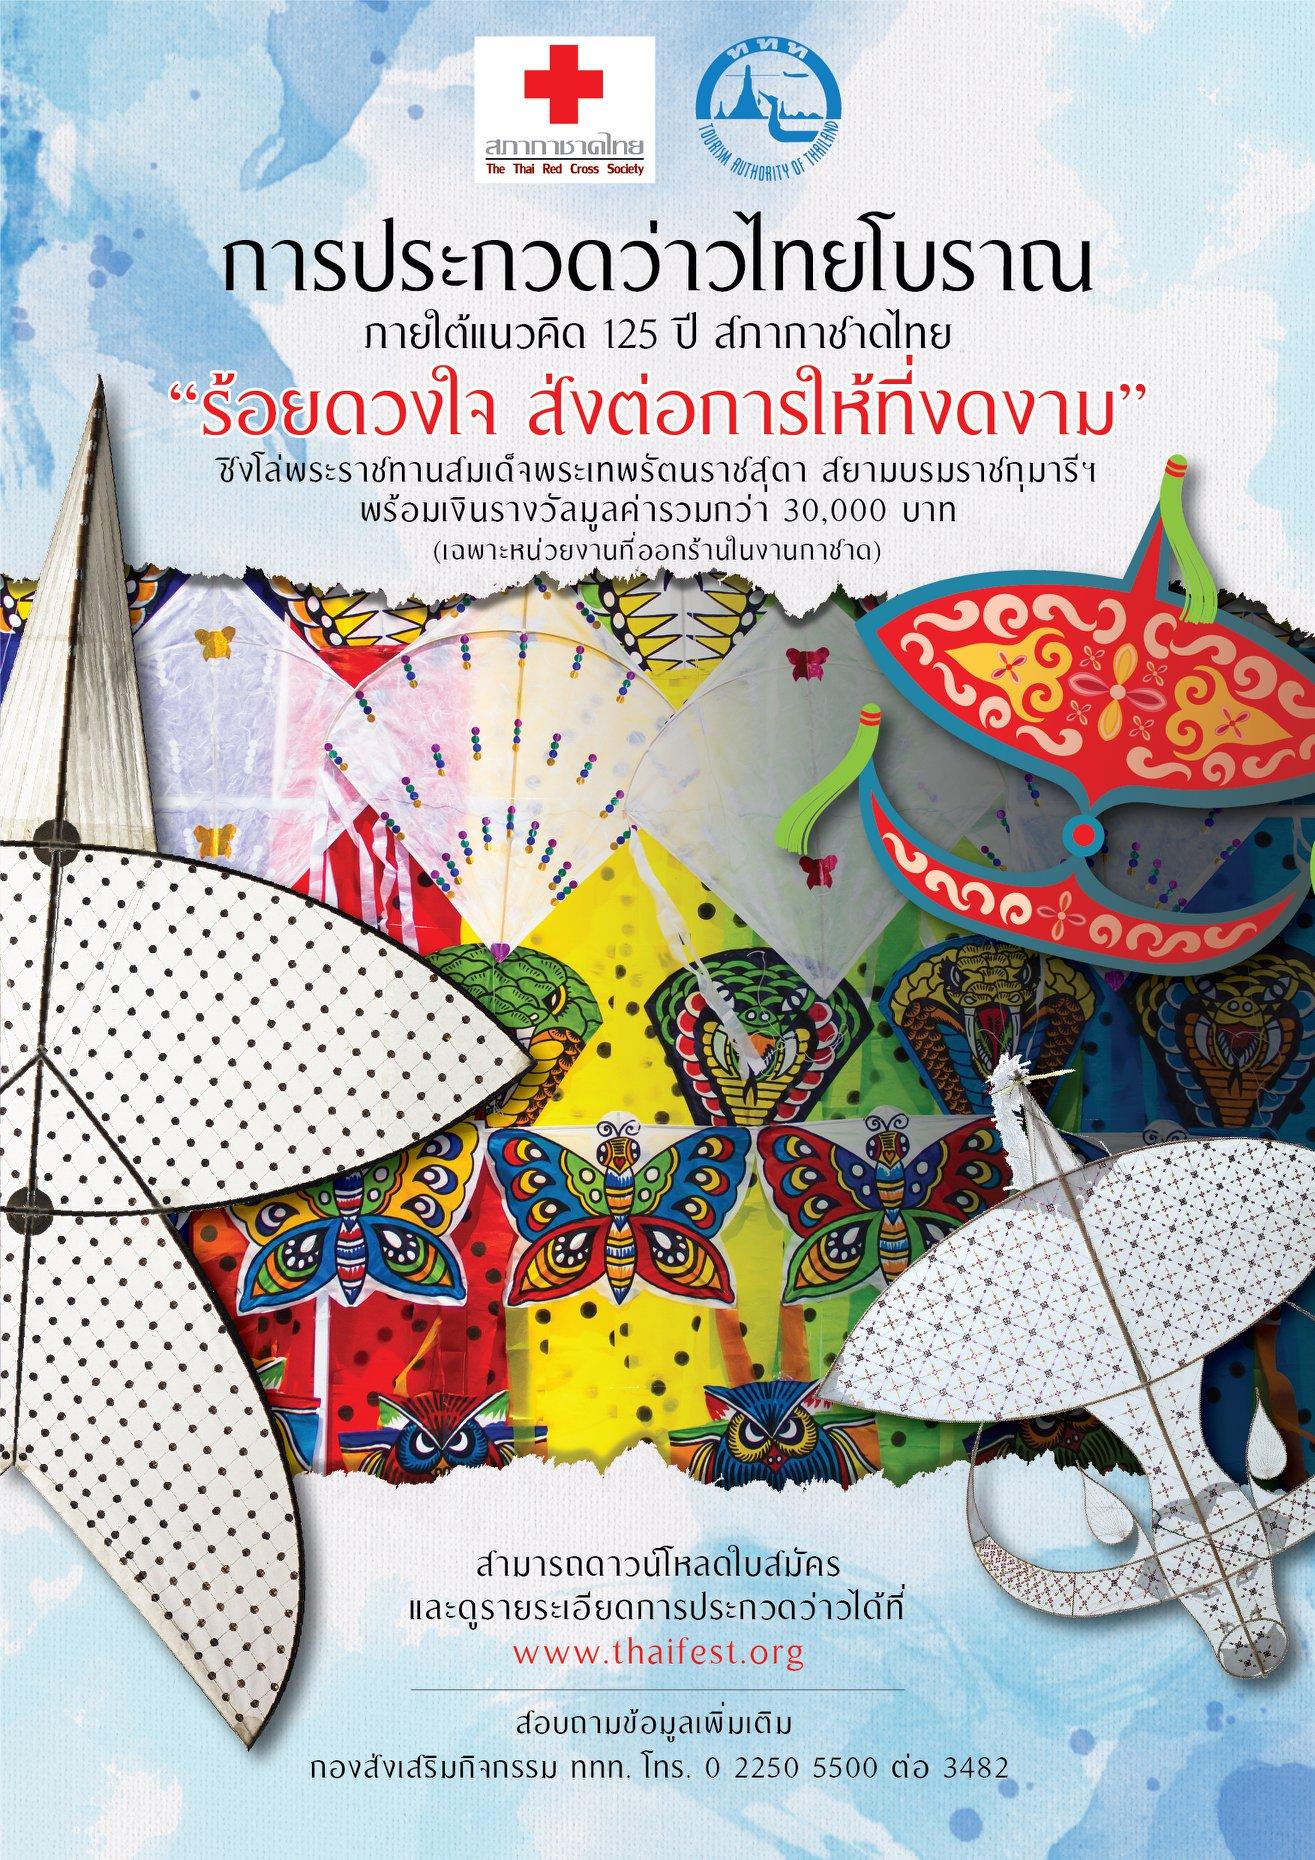 การประกวดว่าวไทยโบราณ ในงานกาชาด วันที่ 23 พฤศจิกายน - 1 ธันวาคม 2561 ณ บริเวณสวนลุมพินี กรุงเทพมหานคร